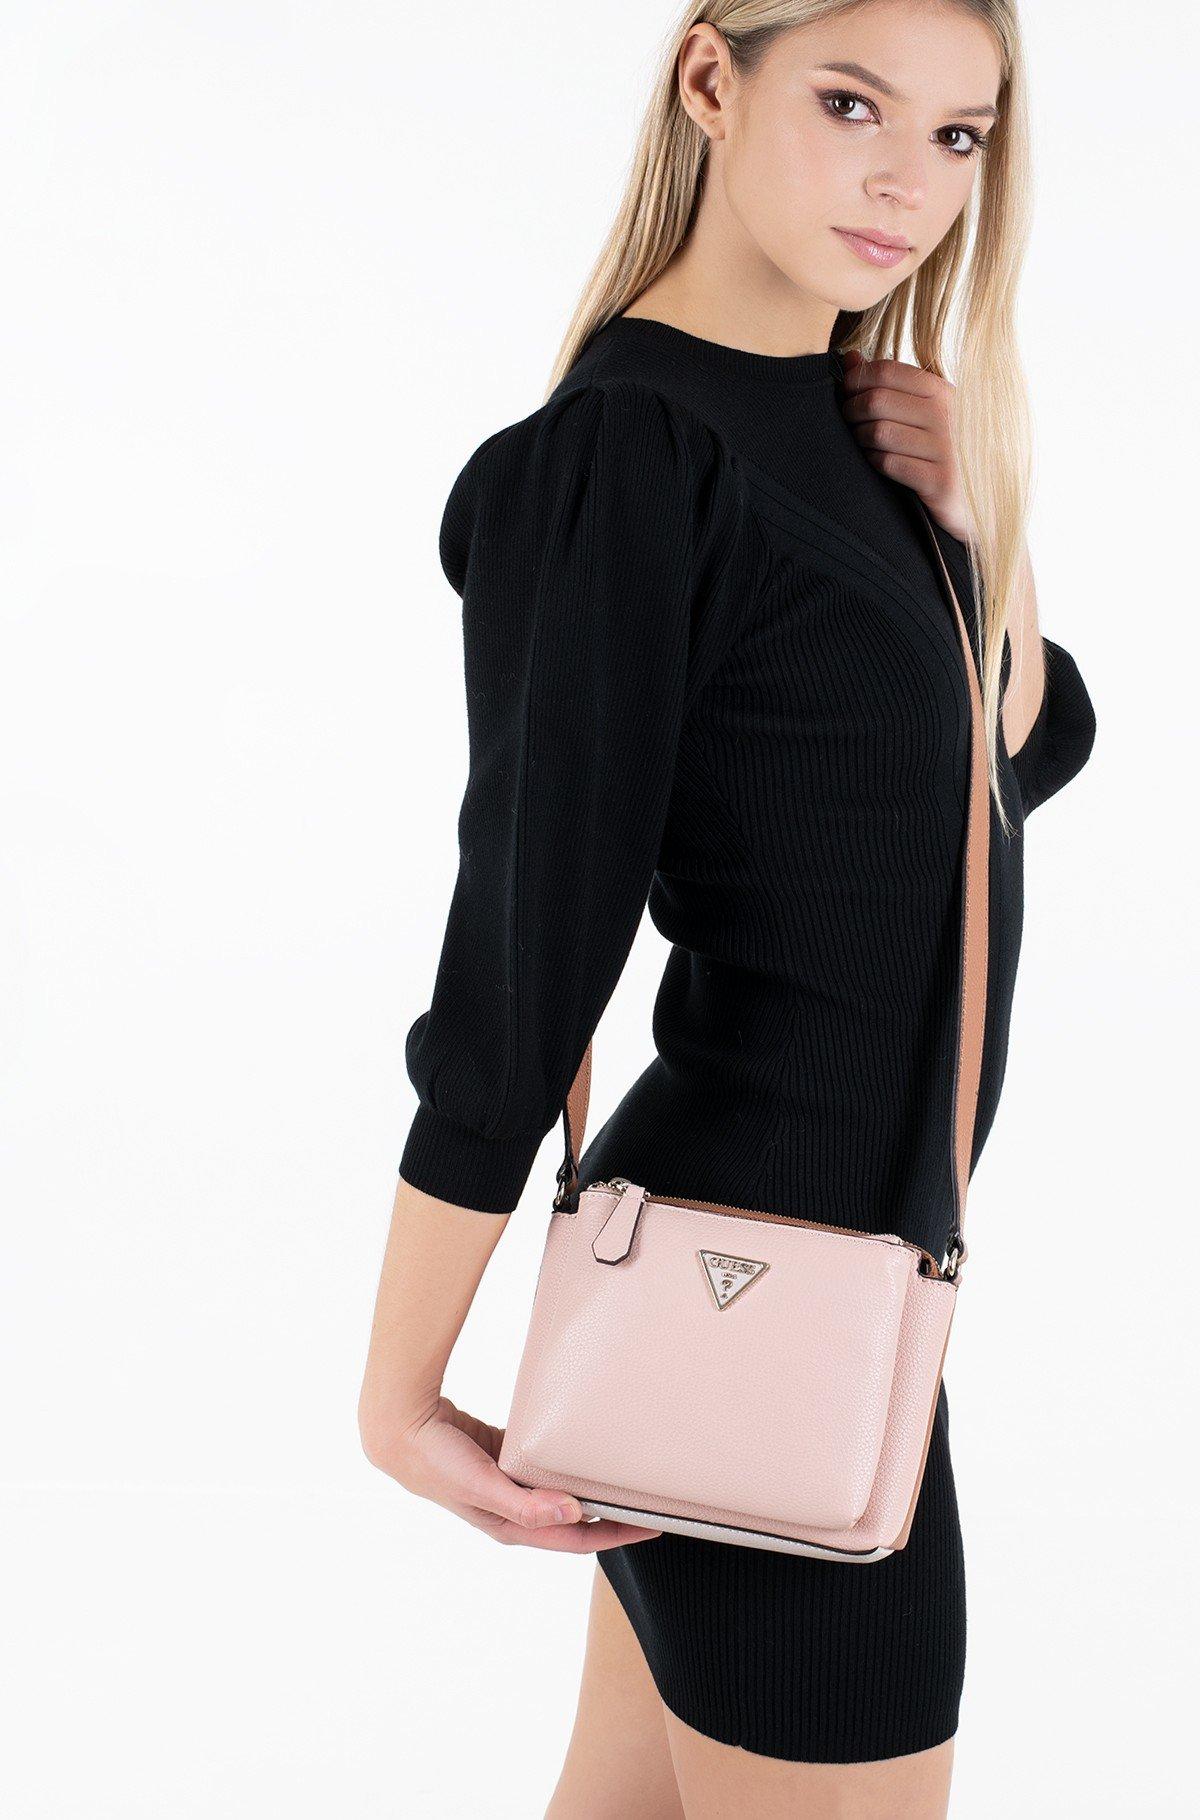 Shoulder bag HWVG77 42690-full-1